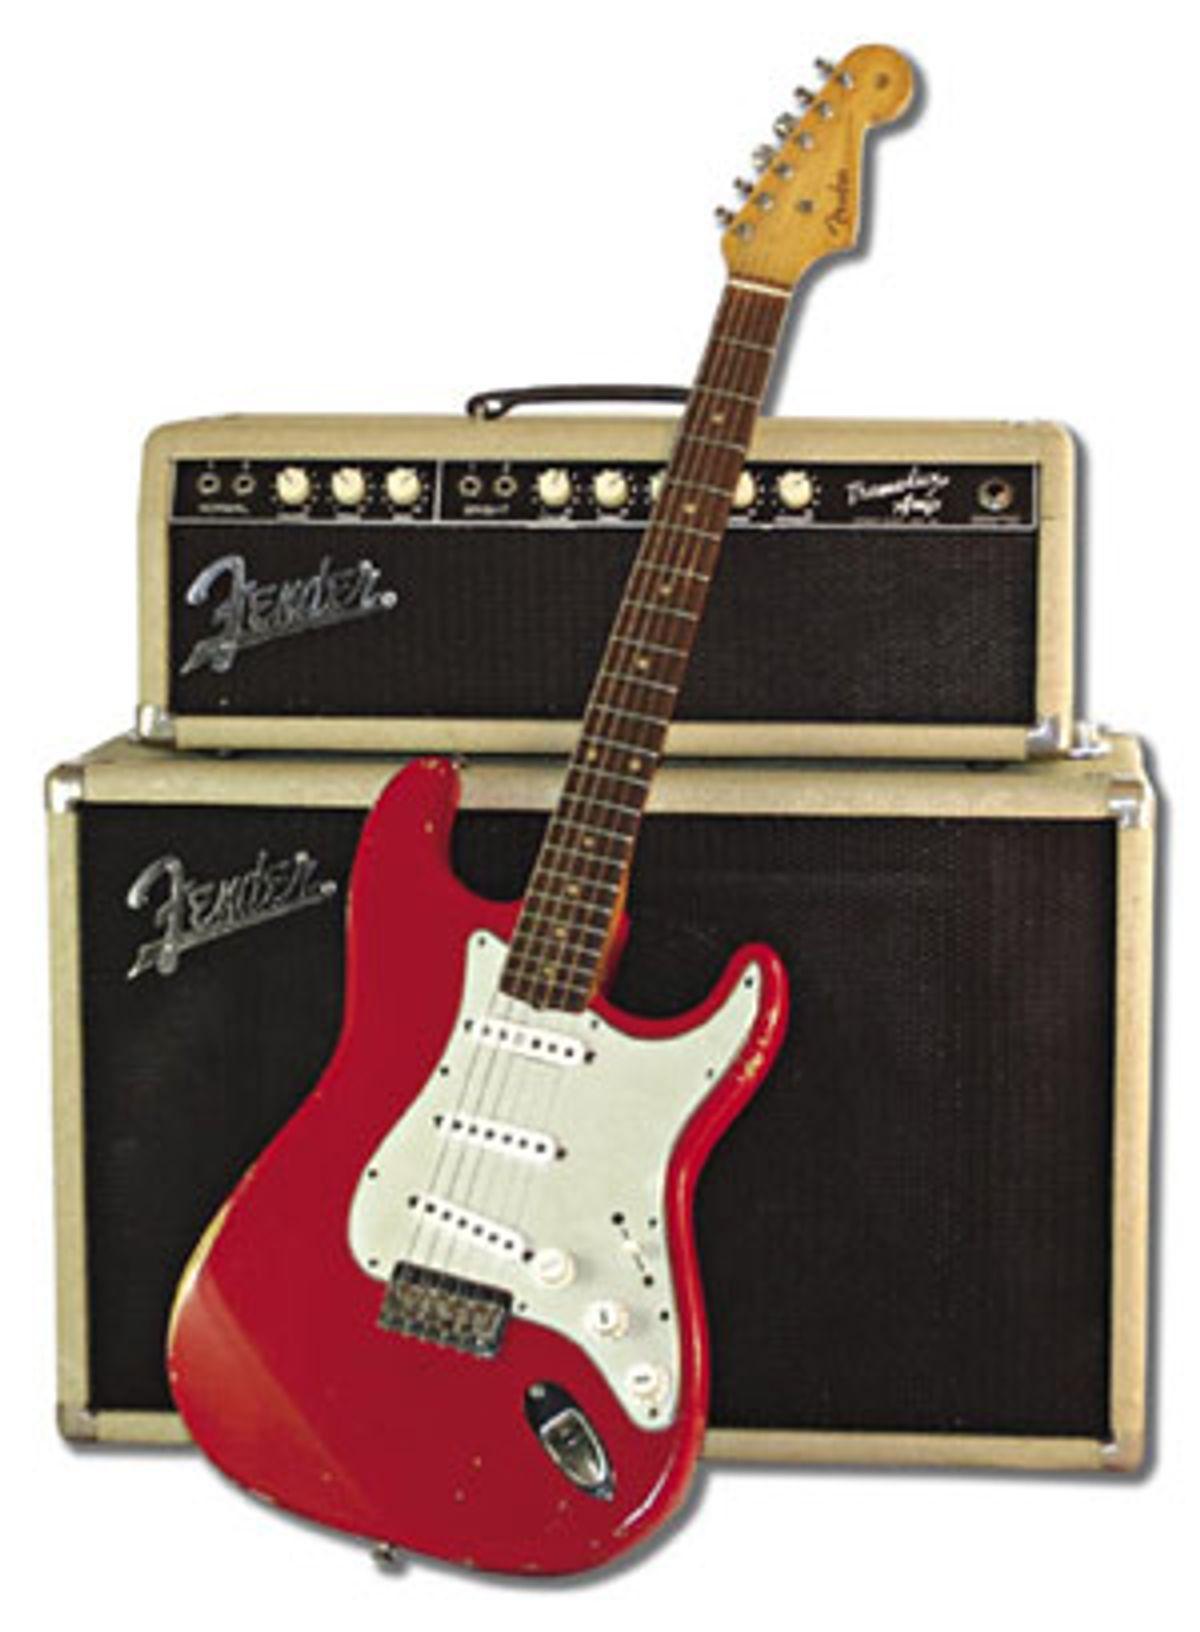 1960 Fender Stratocaster Serial # 49005